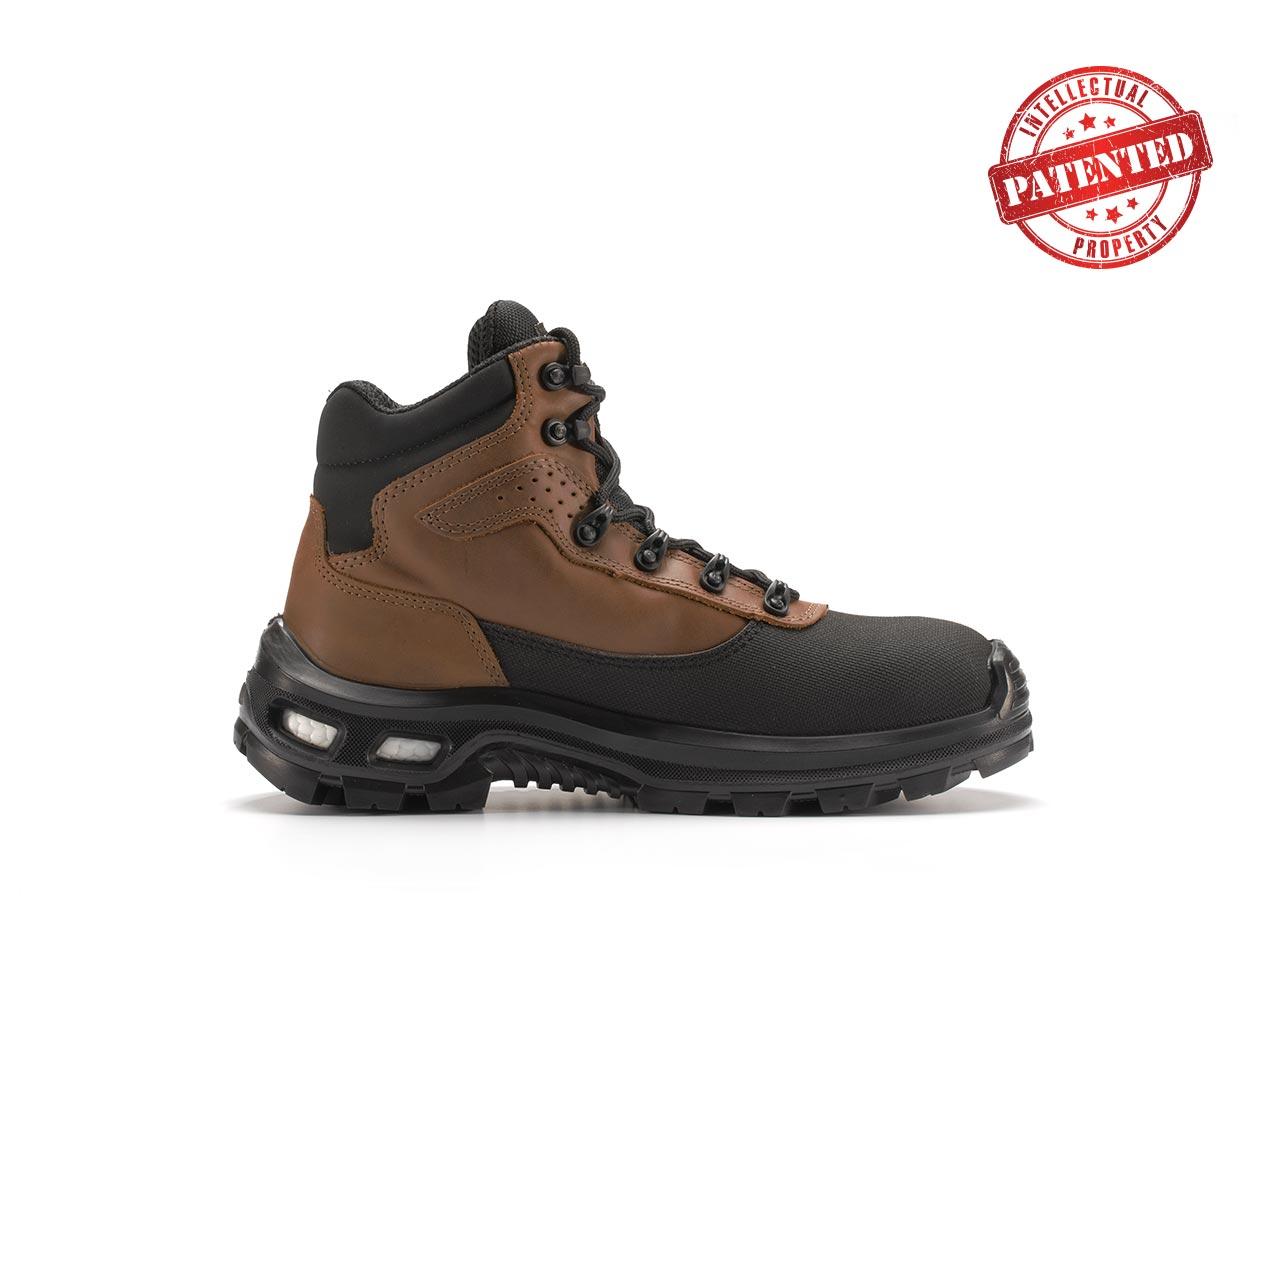 calzatura da lavoro upower modello floyd linea redlion vista lato destro